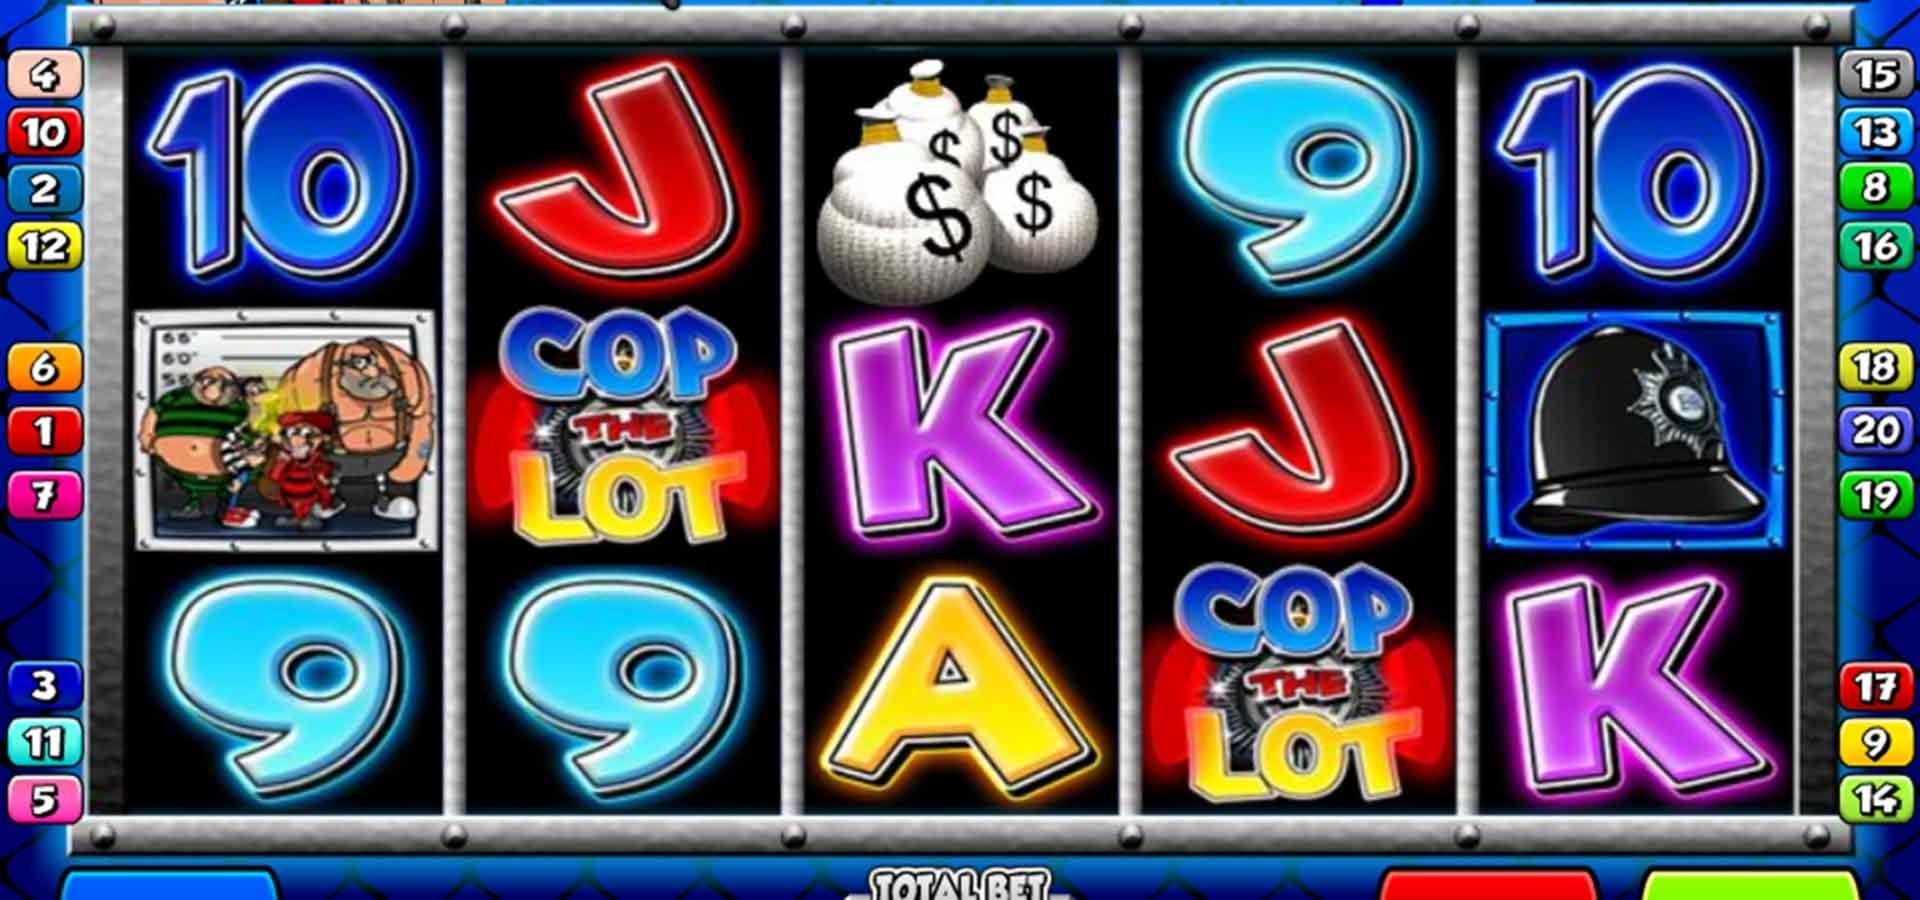 430% Žiadne pravidlá Bonus! v kasíne 888